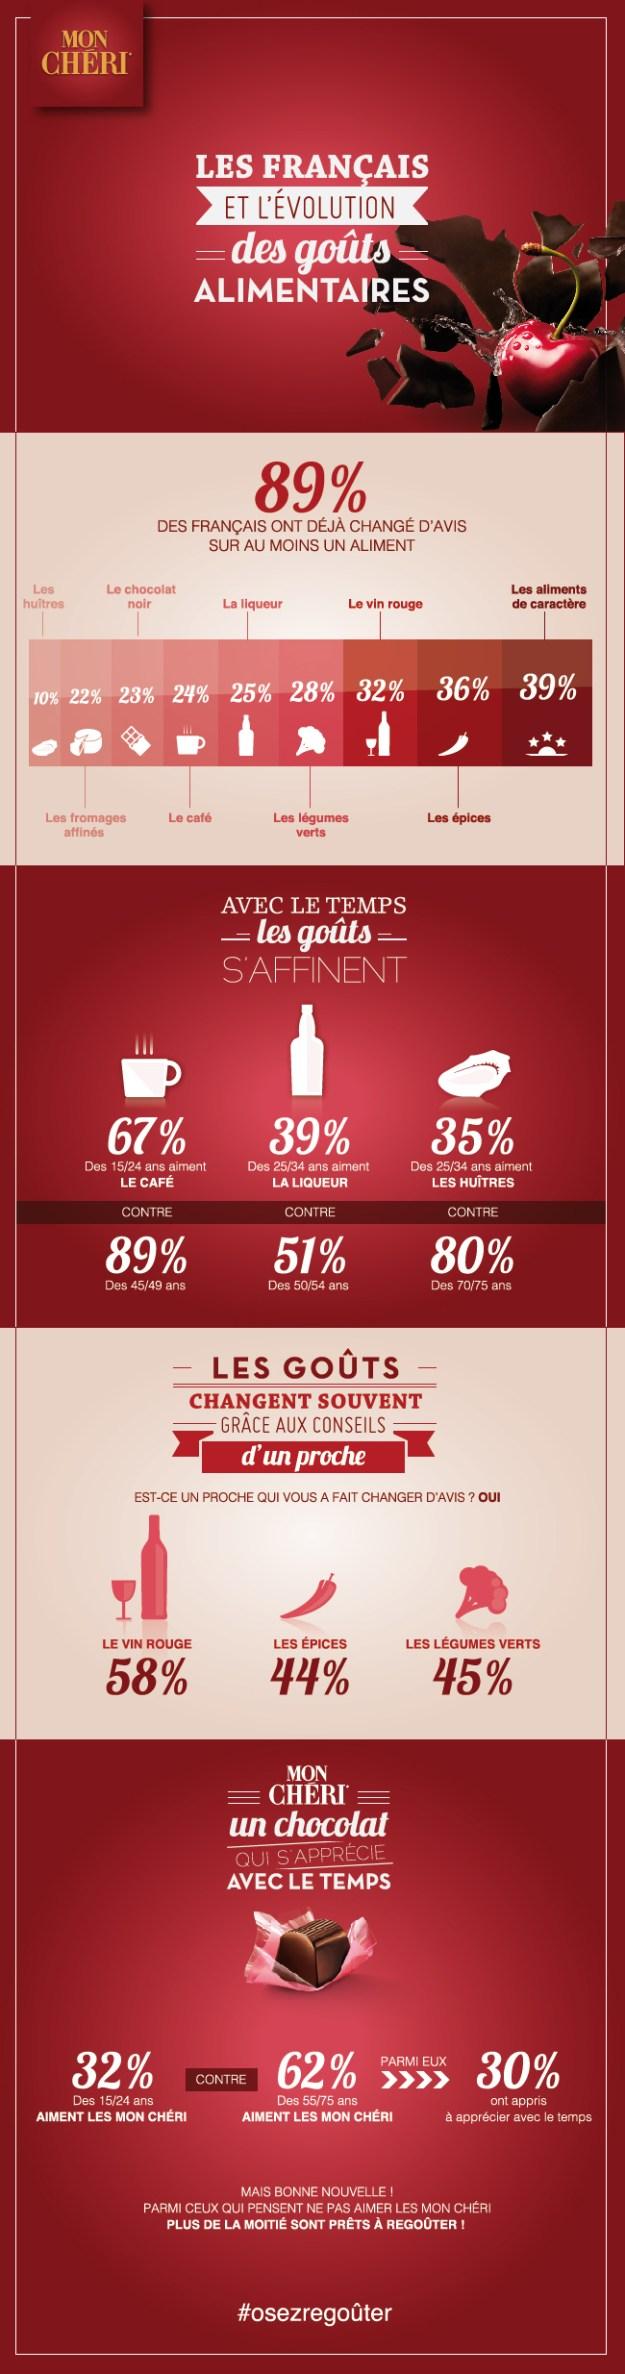 Les français et l'évolution des goûts alimentaires